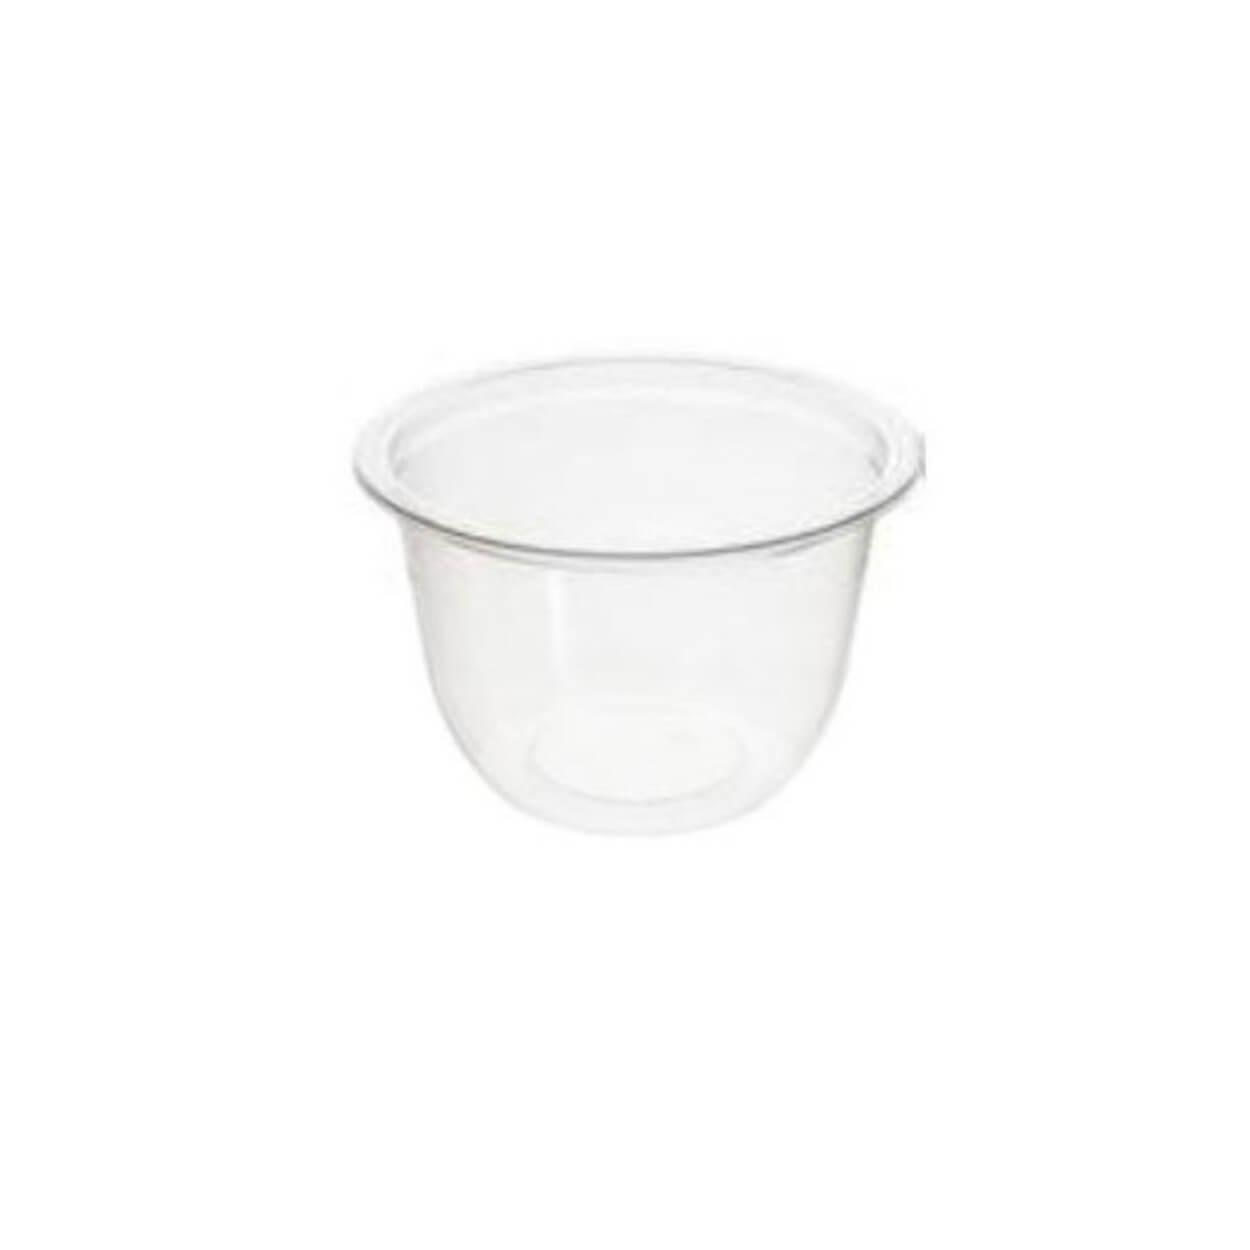 ΠΟΤΗΡΙ RPET* 300ml Tri-pots